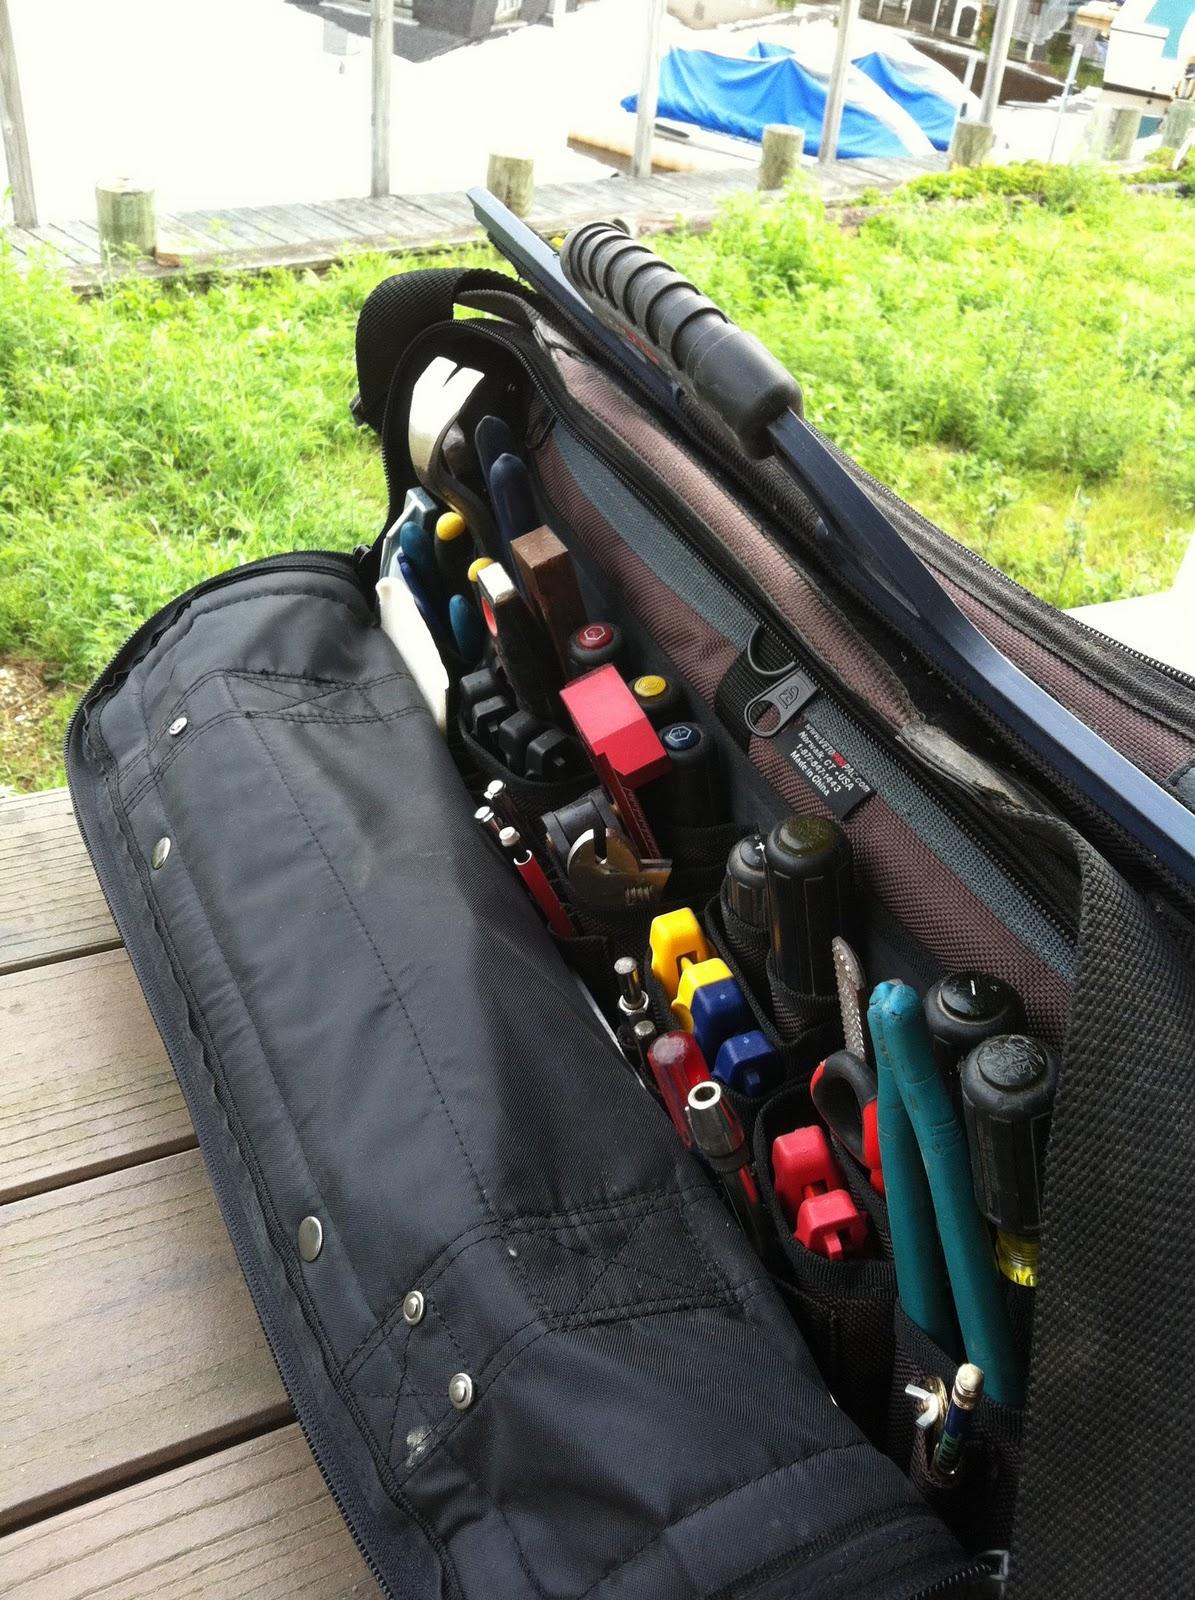 Plumber Tool Bag Testimonial